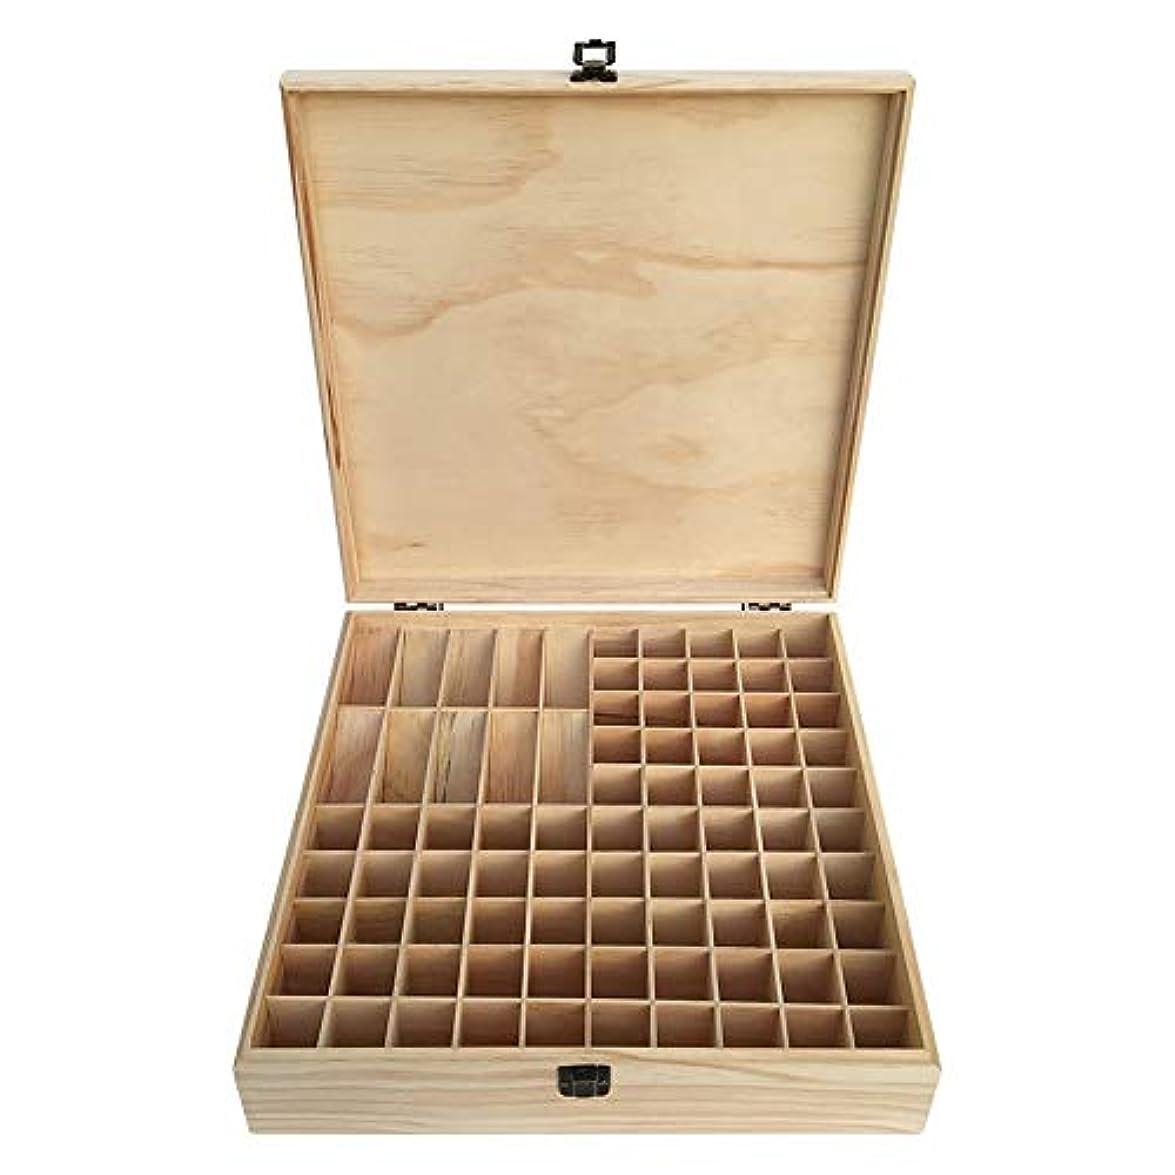 有用体細胞誰エッセンシャルオイルの保管 大85スロット木製のエッセンシャルオイルストレージボックスナチュラルパインウッド (色 : Natural, サイズ : 35X35X9CM)